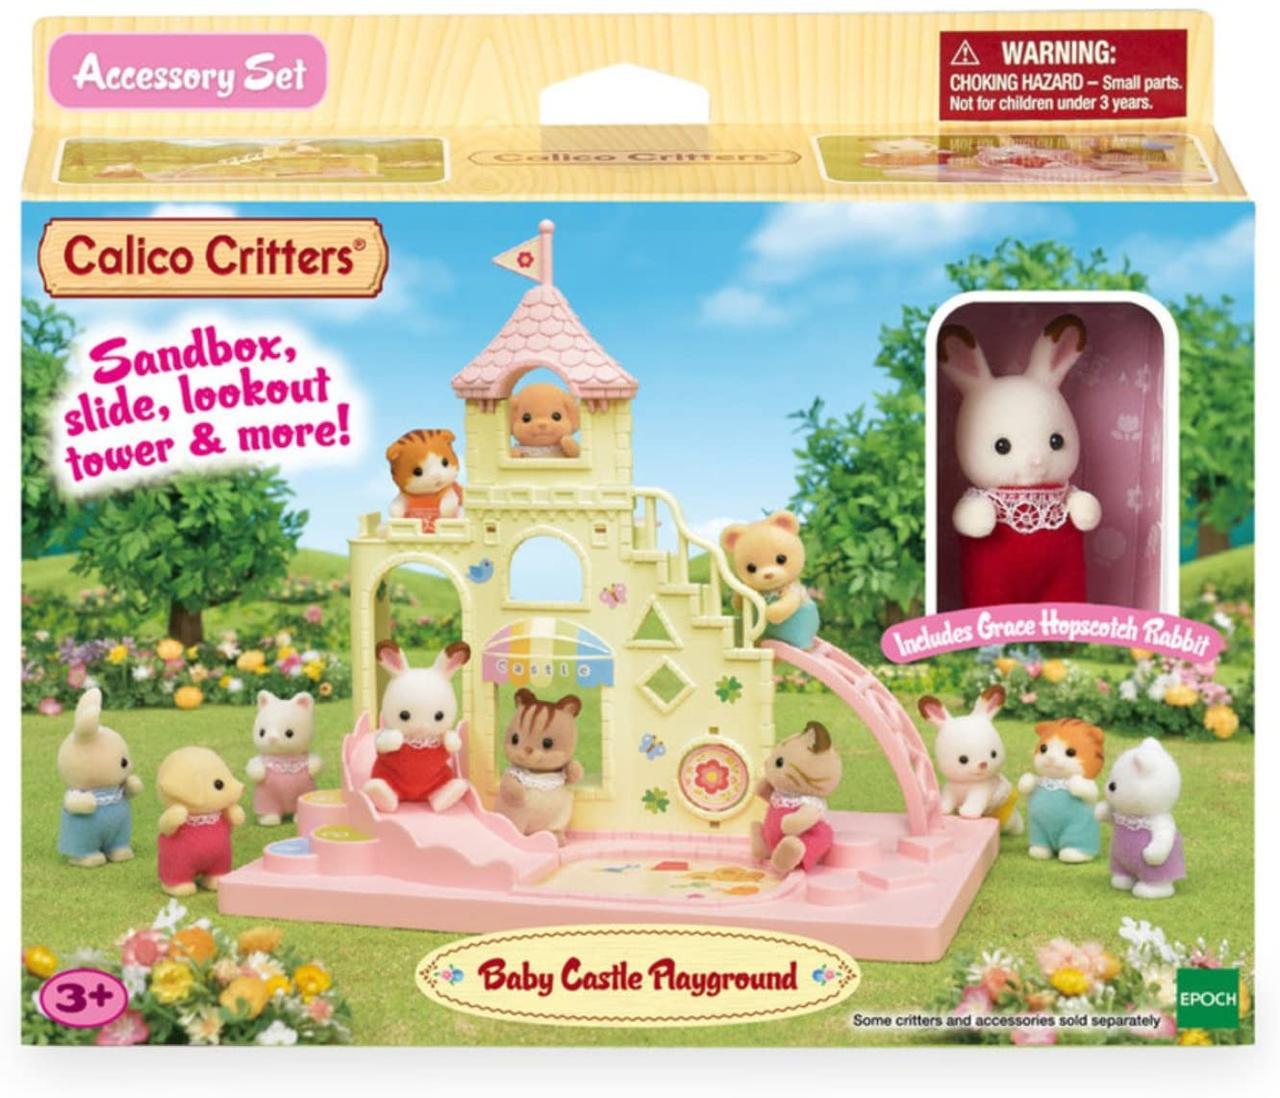 Сильваниан фэмилис Игровая площадка с фигуркой кролика Sylvanian Families Calico Critters